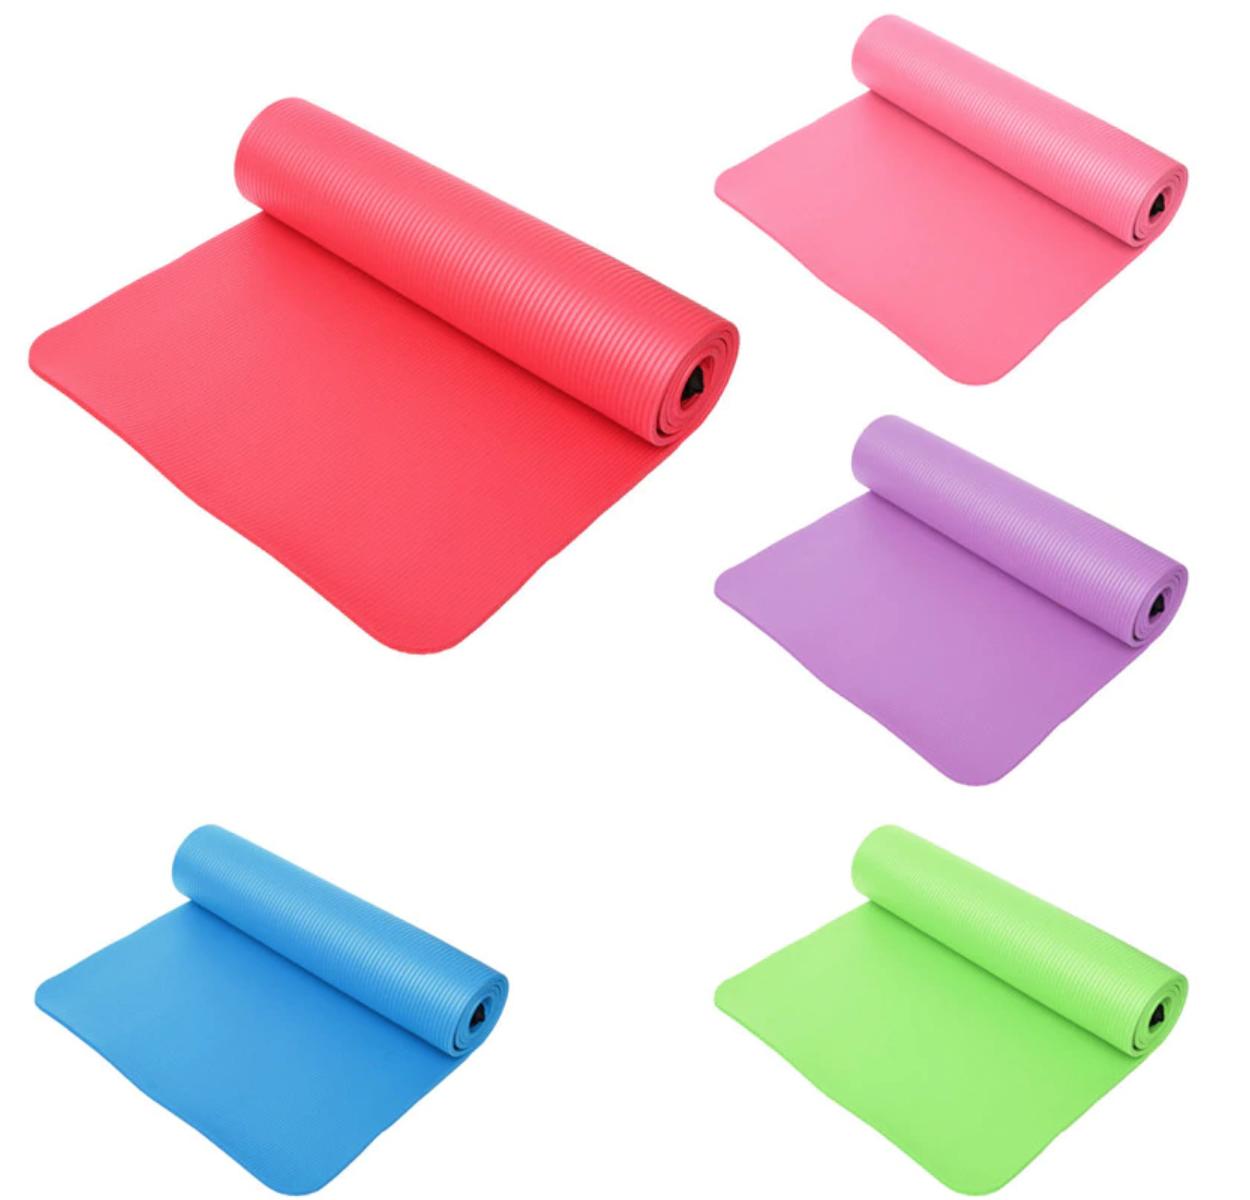 Tapis de Yoga épais - Imperméable - Anti-dérapant - 10 MM